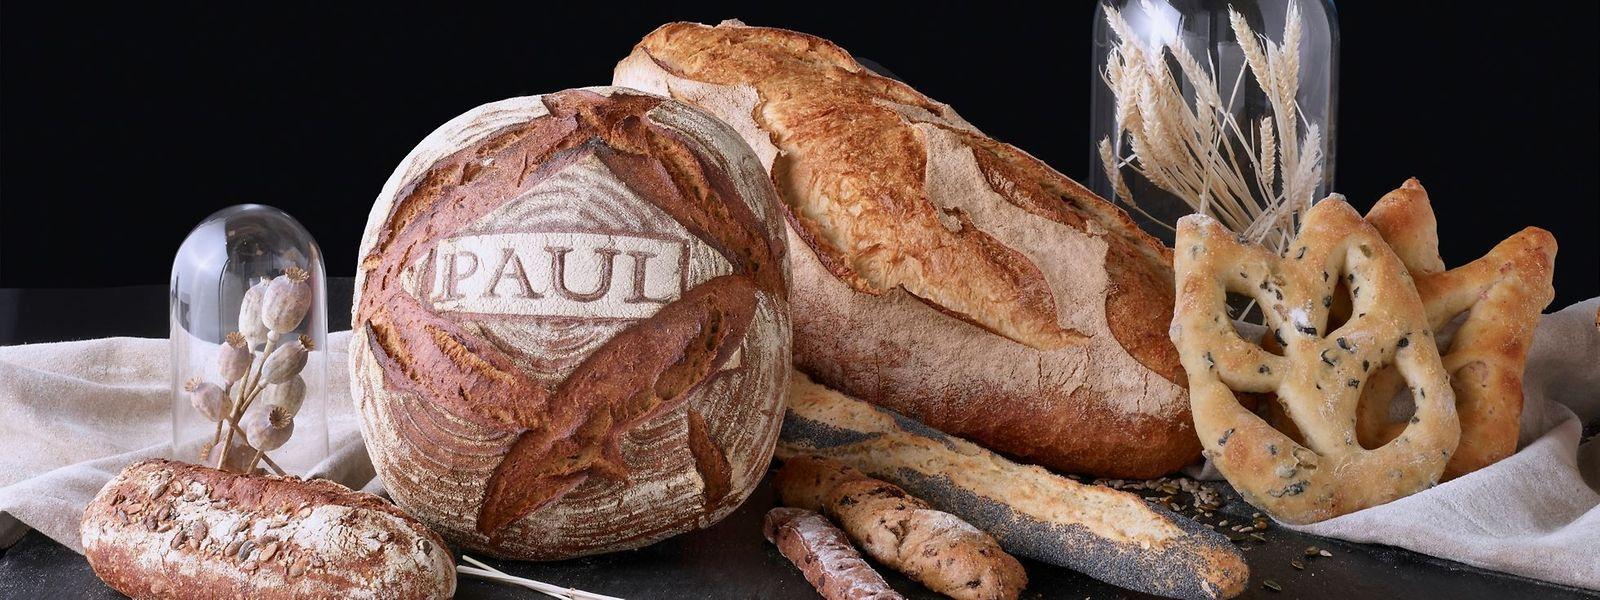 Padaria e pastelaria fresca, produtos de mercearia e refeições preparadas